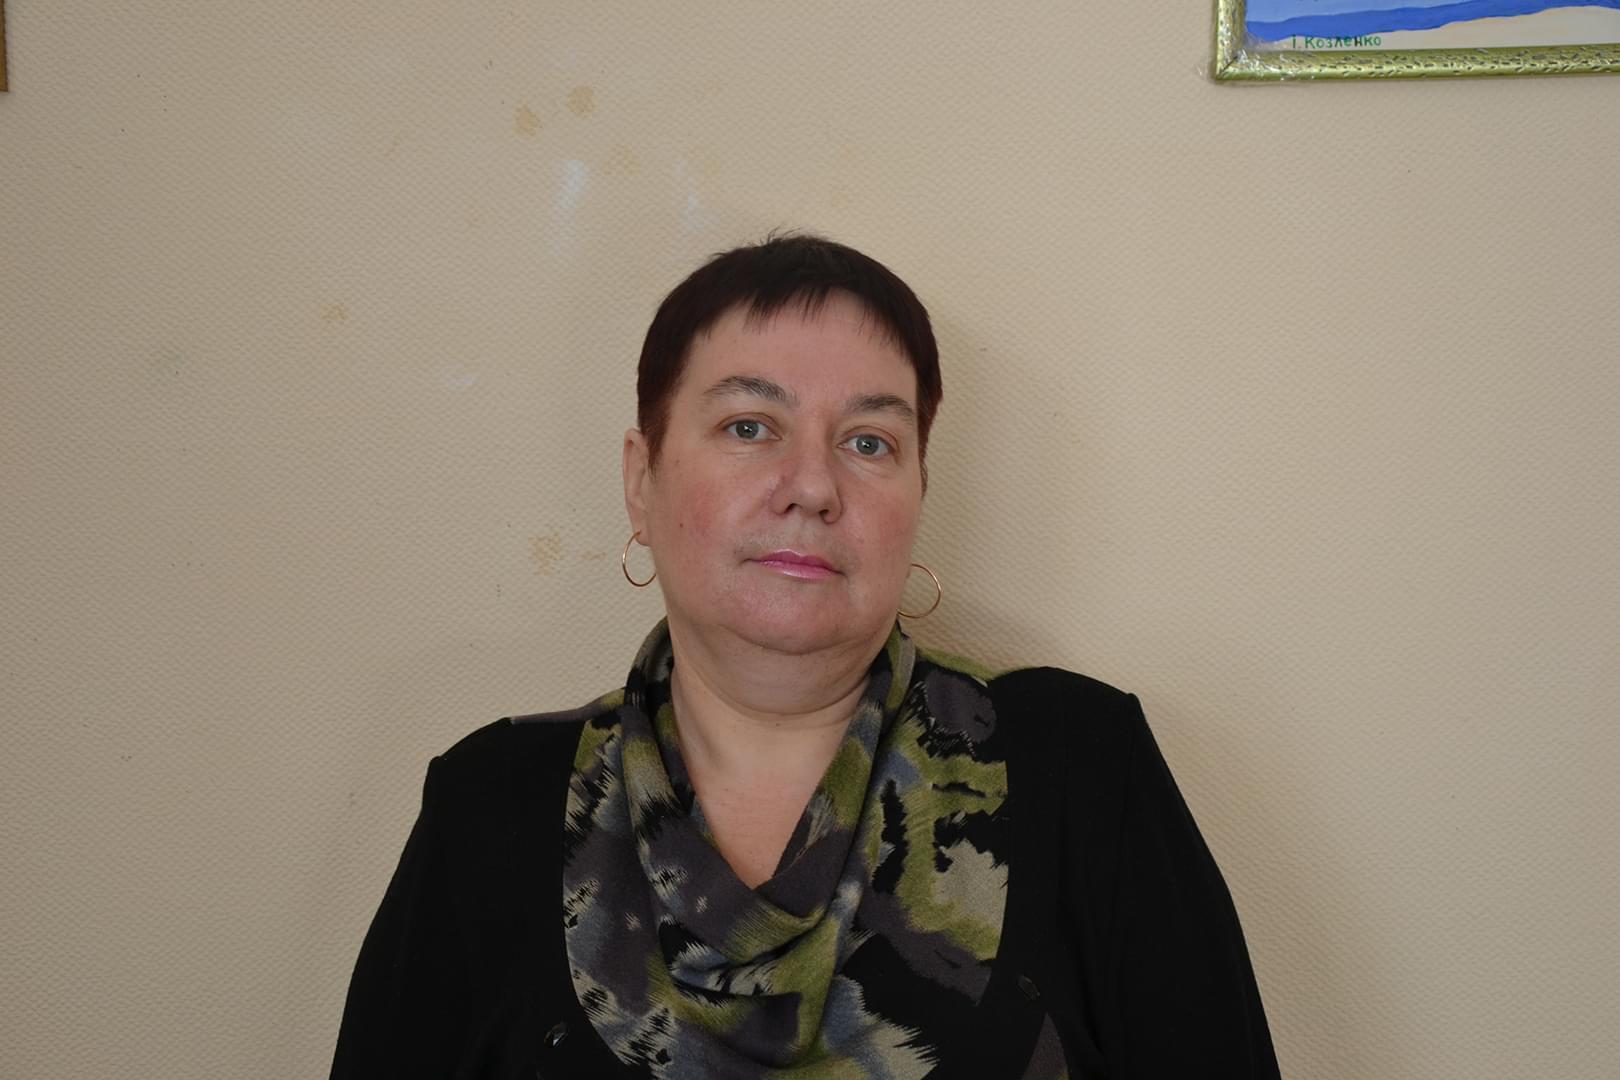 Їм потрібна допомога - Олексієнко Тетяна Броніславівна   Фонд Інна